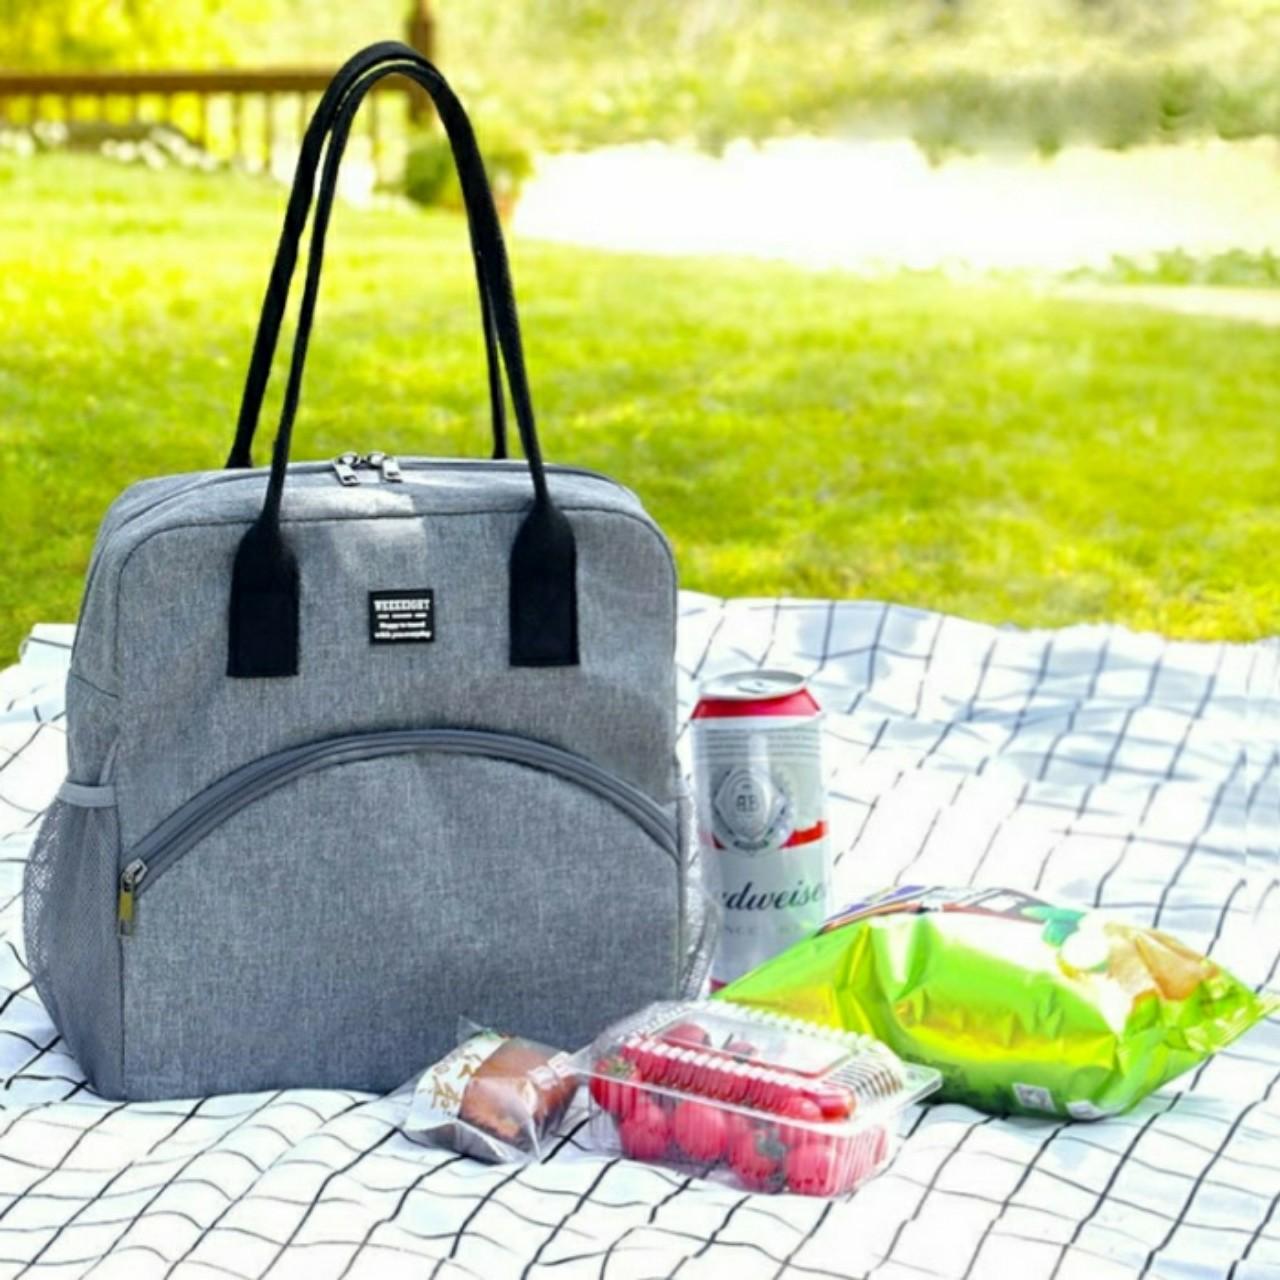 Túi đựng cơm giữ nhiệt Weekeight cao cấp, túi đựng thức ăn Picnic CỠ LỚN có lớp giấy bạc giữ nhiêt (size 27x16x27 cm)